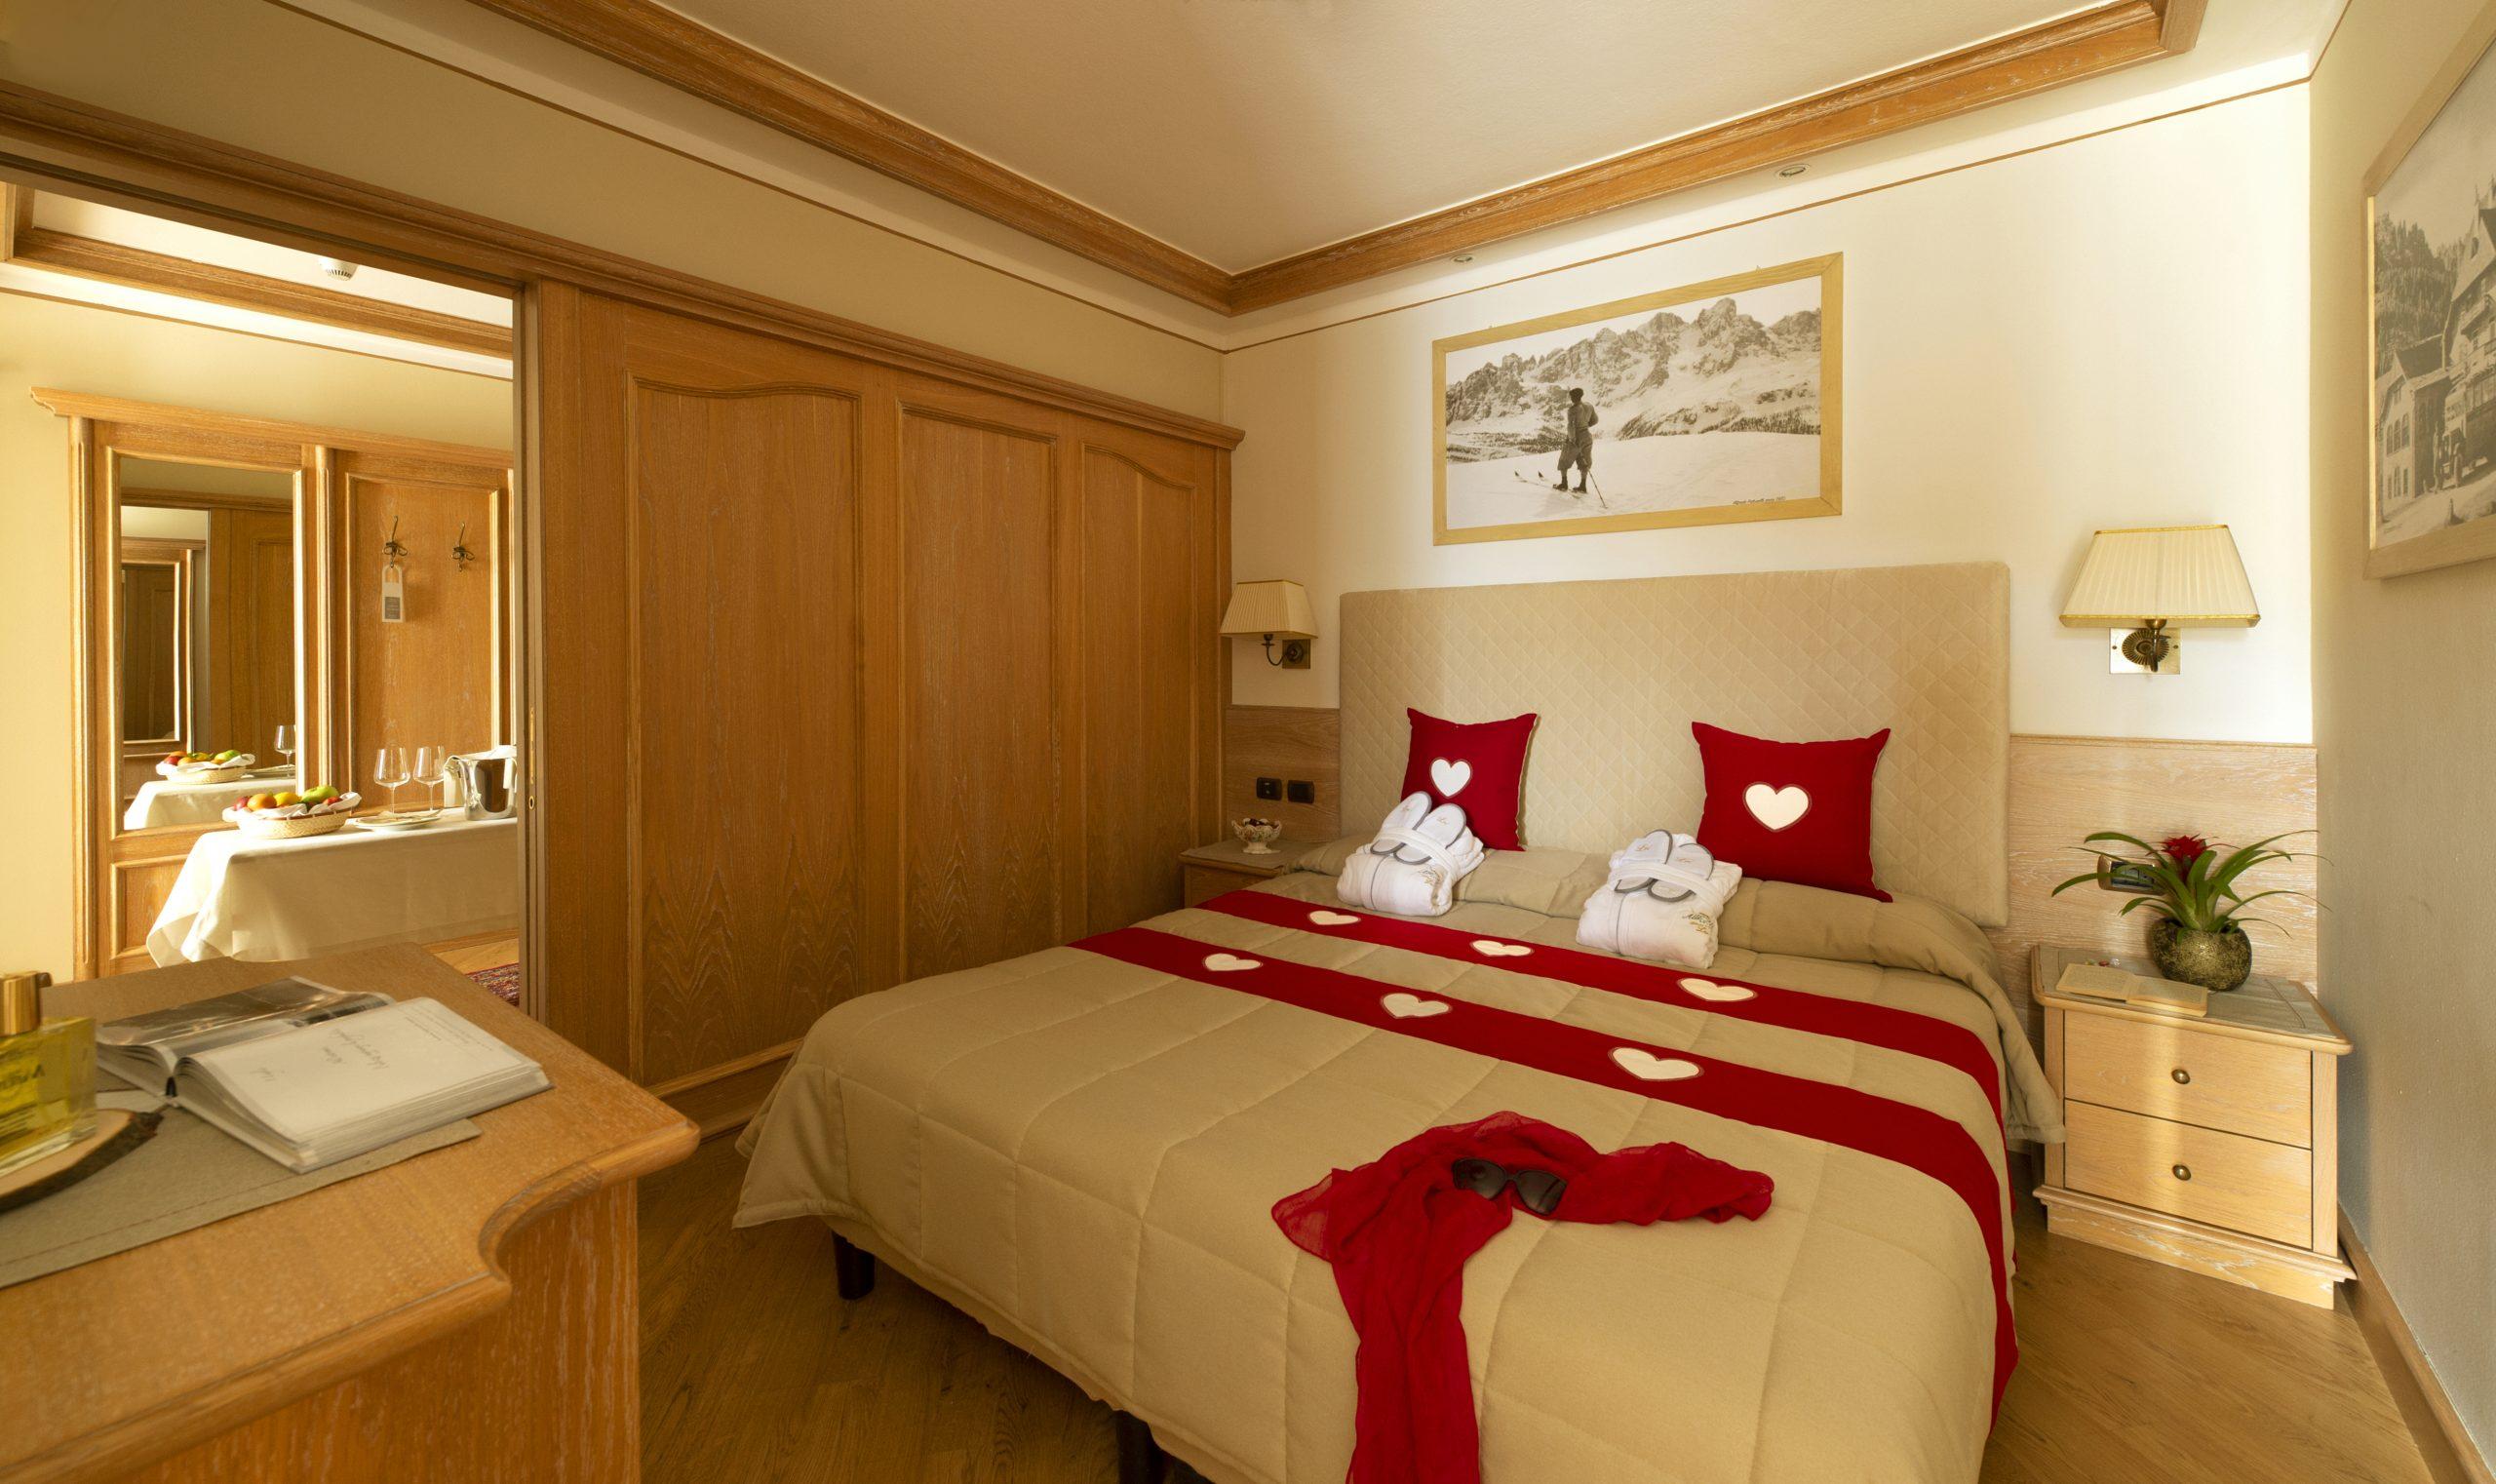 suite relax presso l'hotel alle alpi a Moena